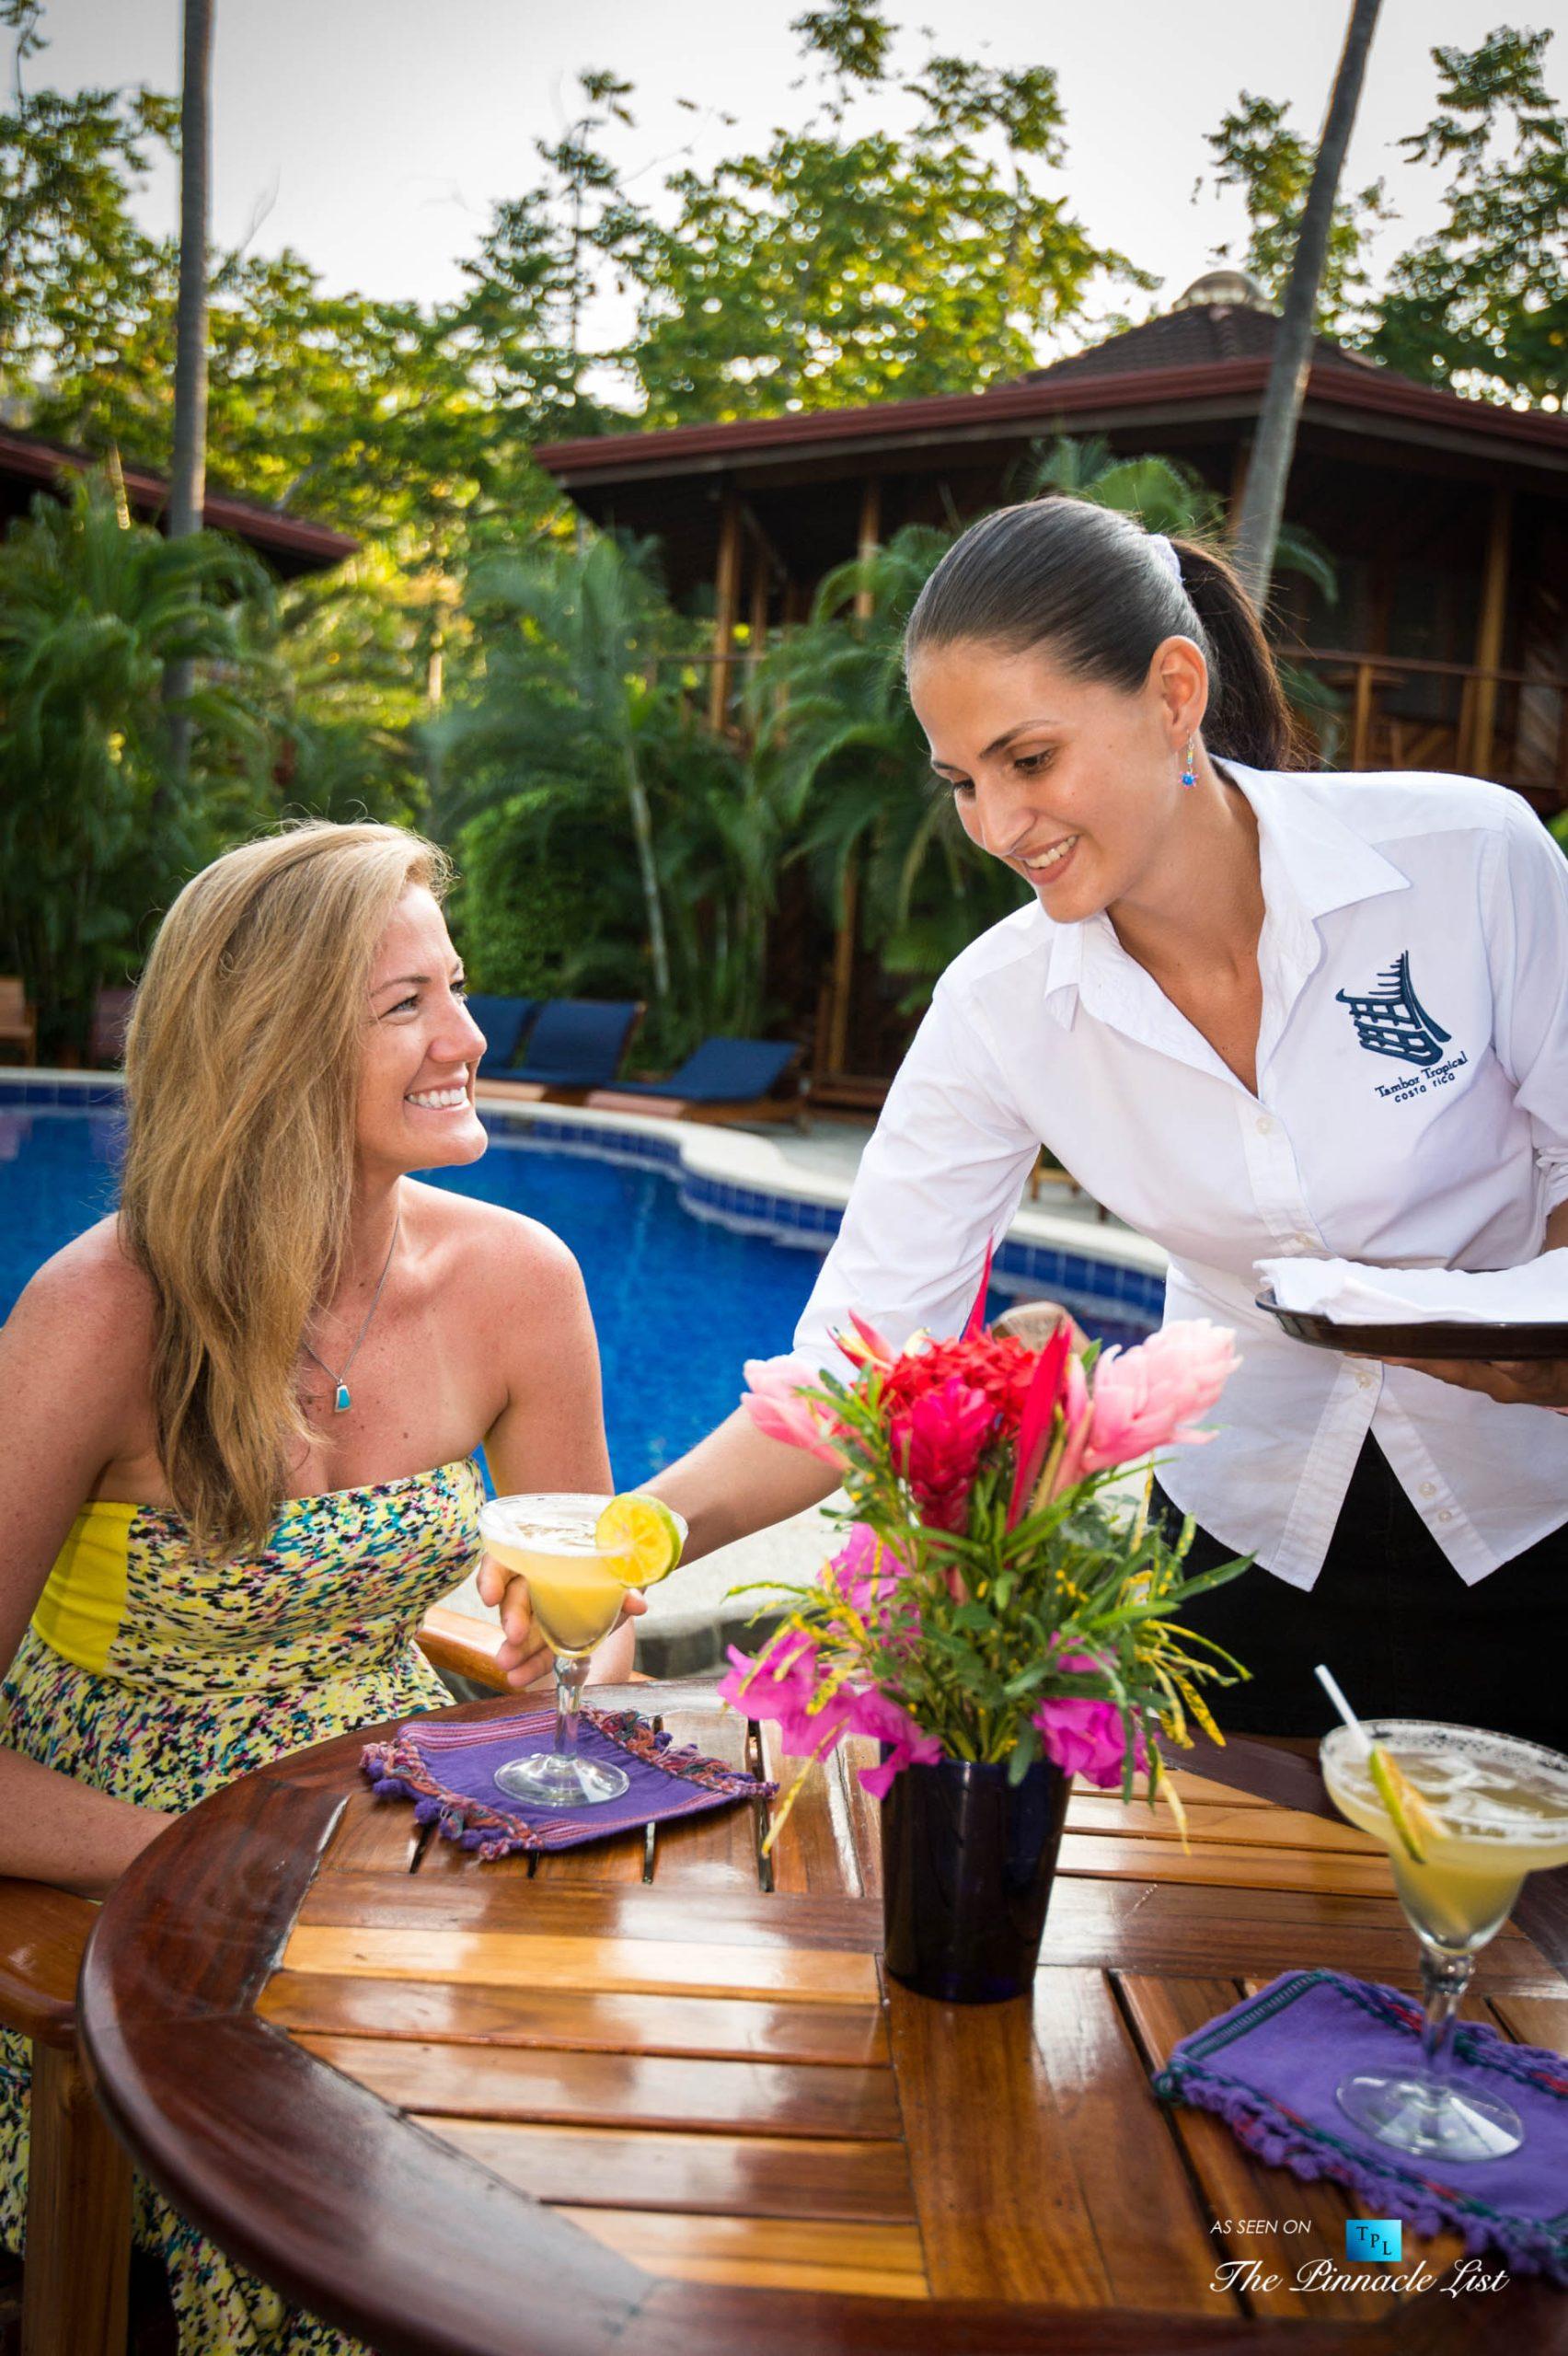 Tambor Tropical Beach Resort – Tambor, Puntarenas, Costa Rica – Serving Guests